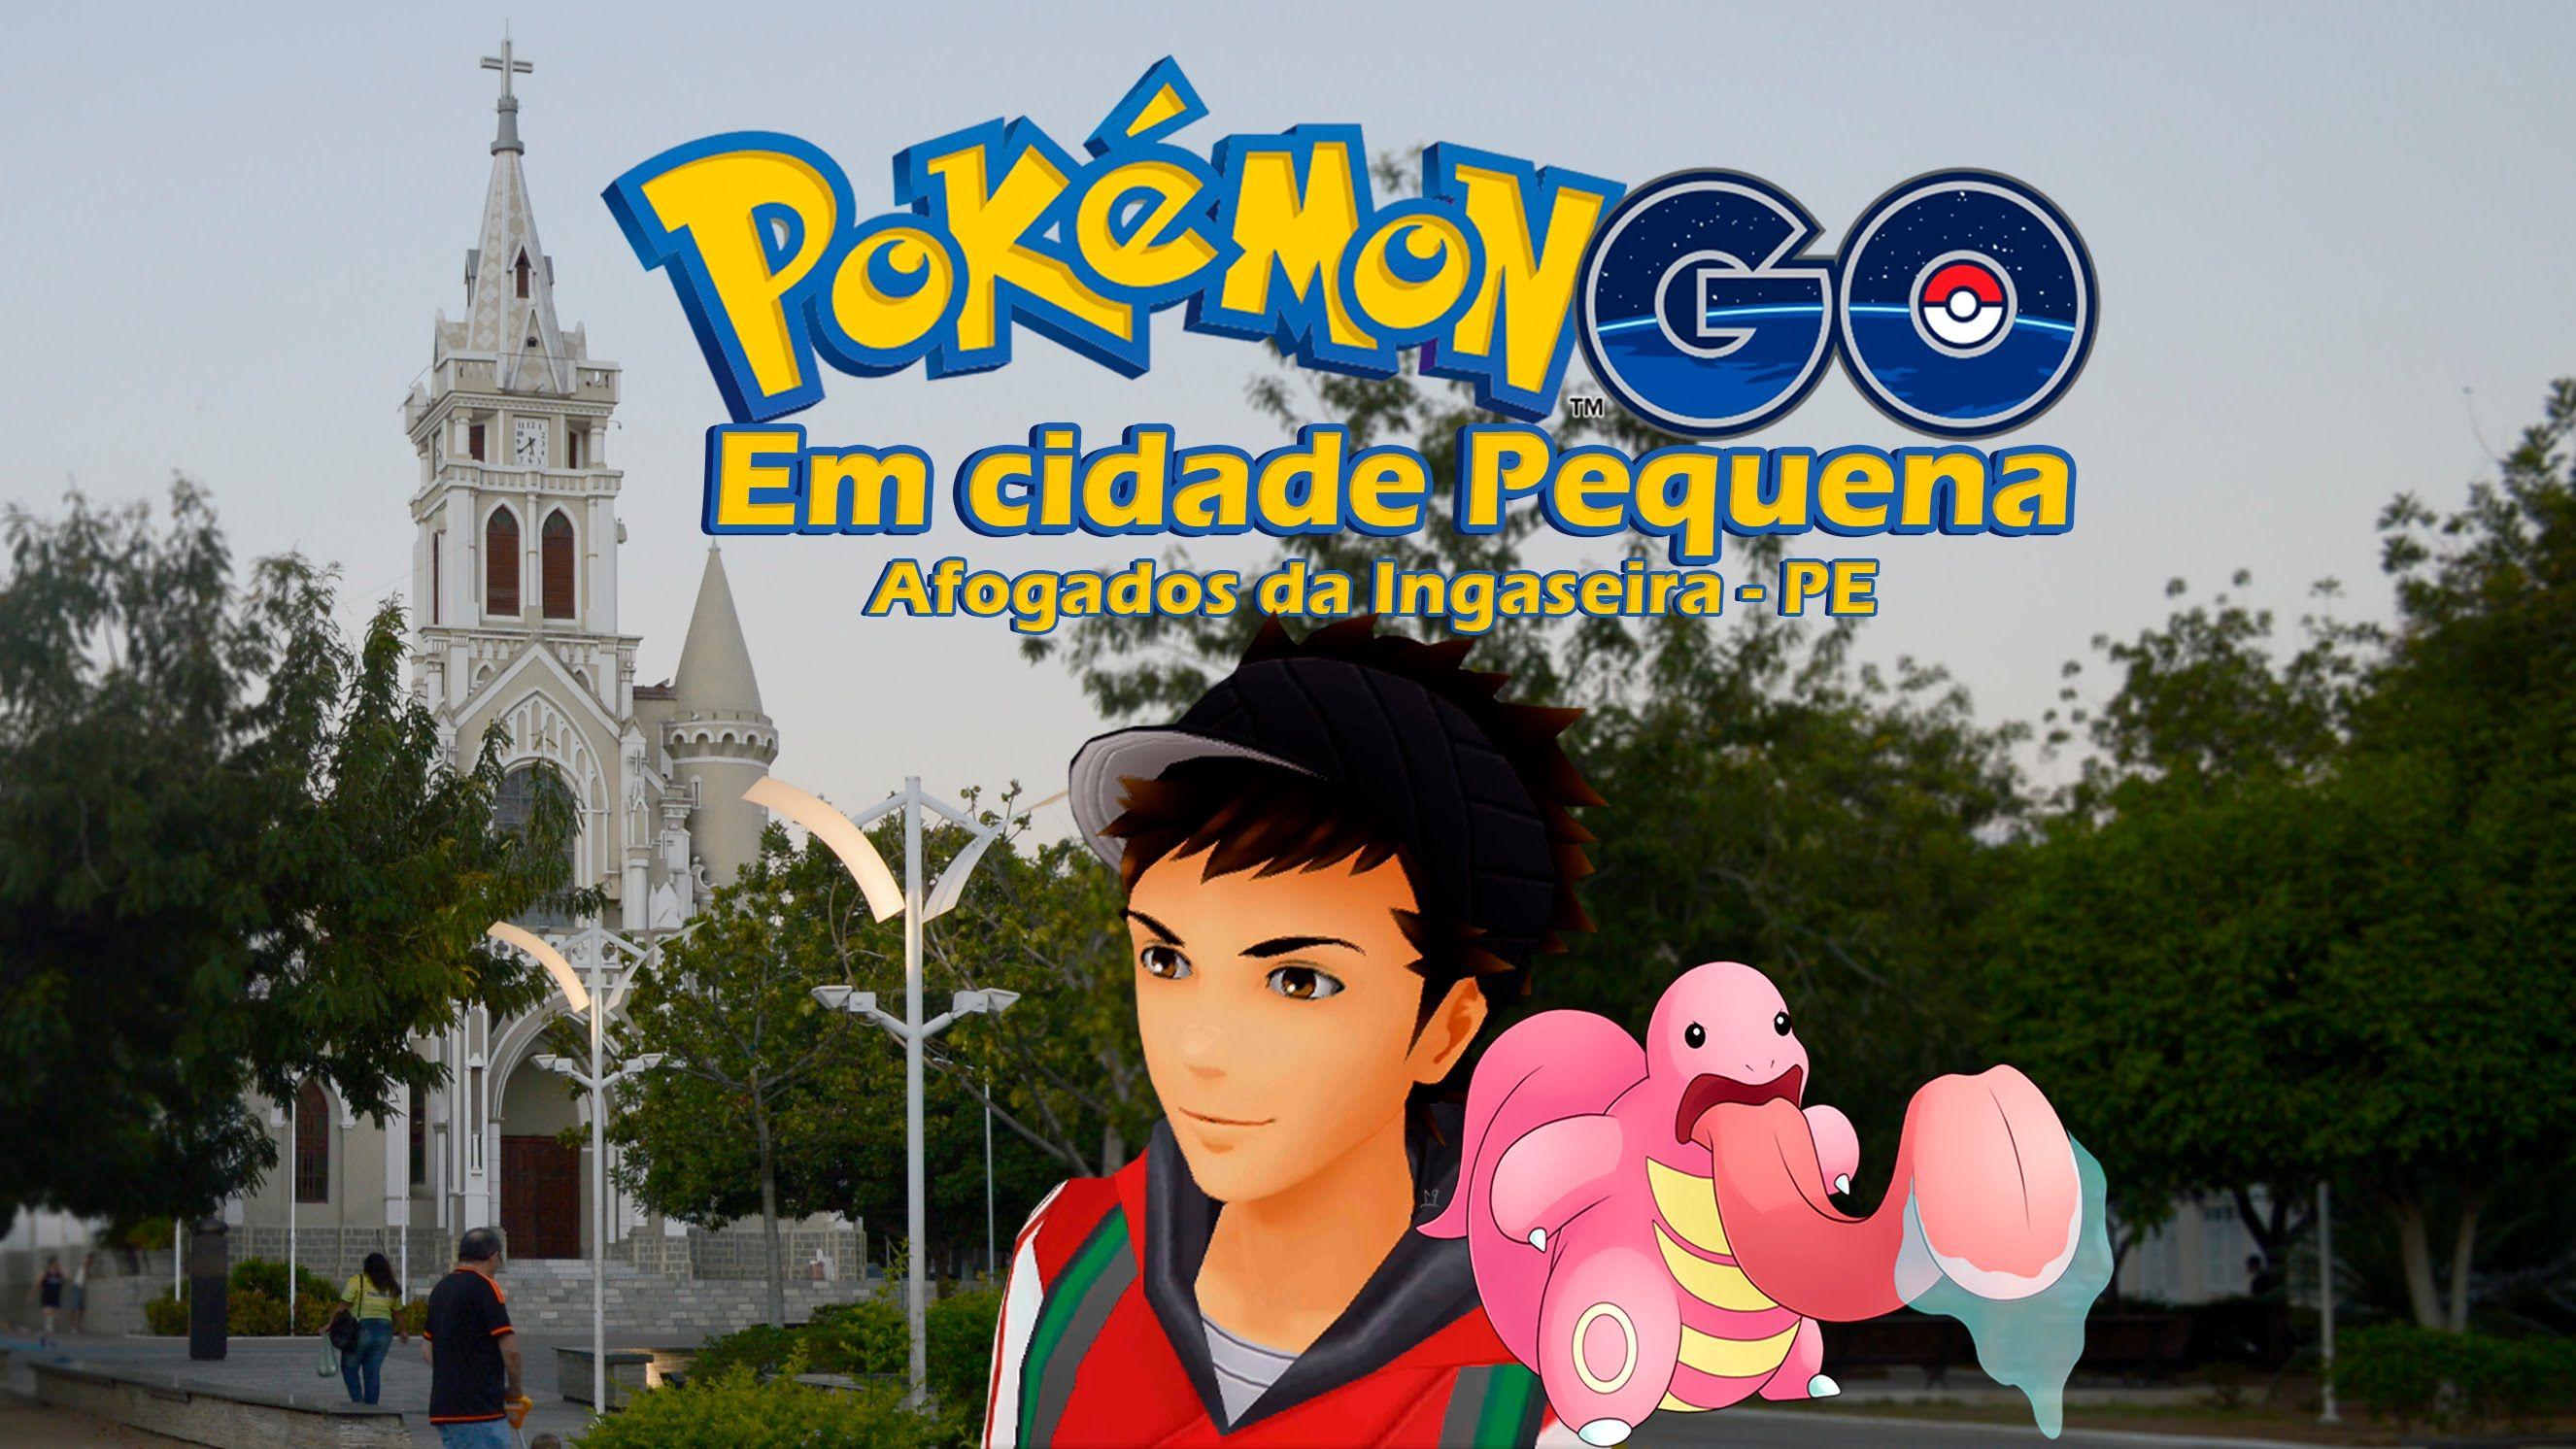 Jogando Pokémon GO em cidade pequena - Afogados da Ingazeira - Lickitung...